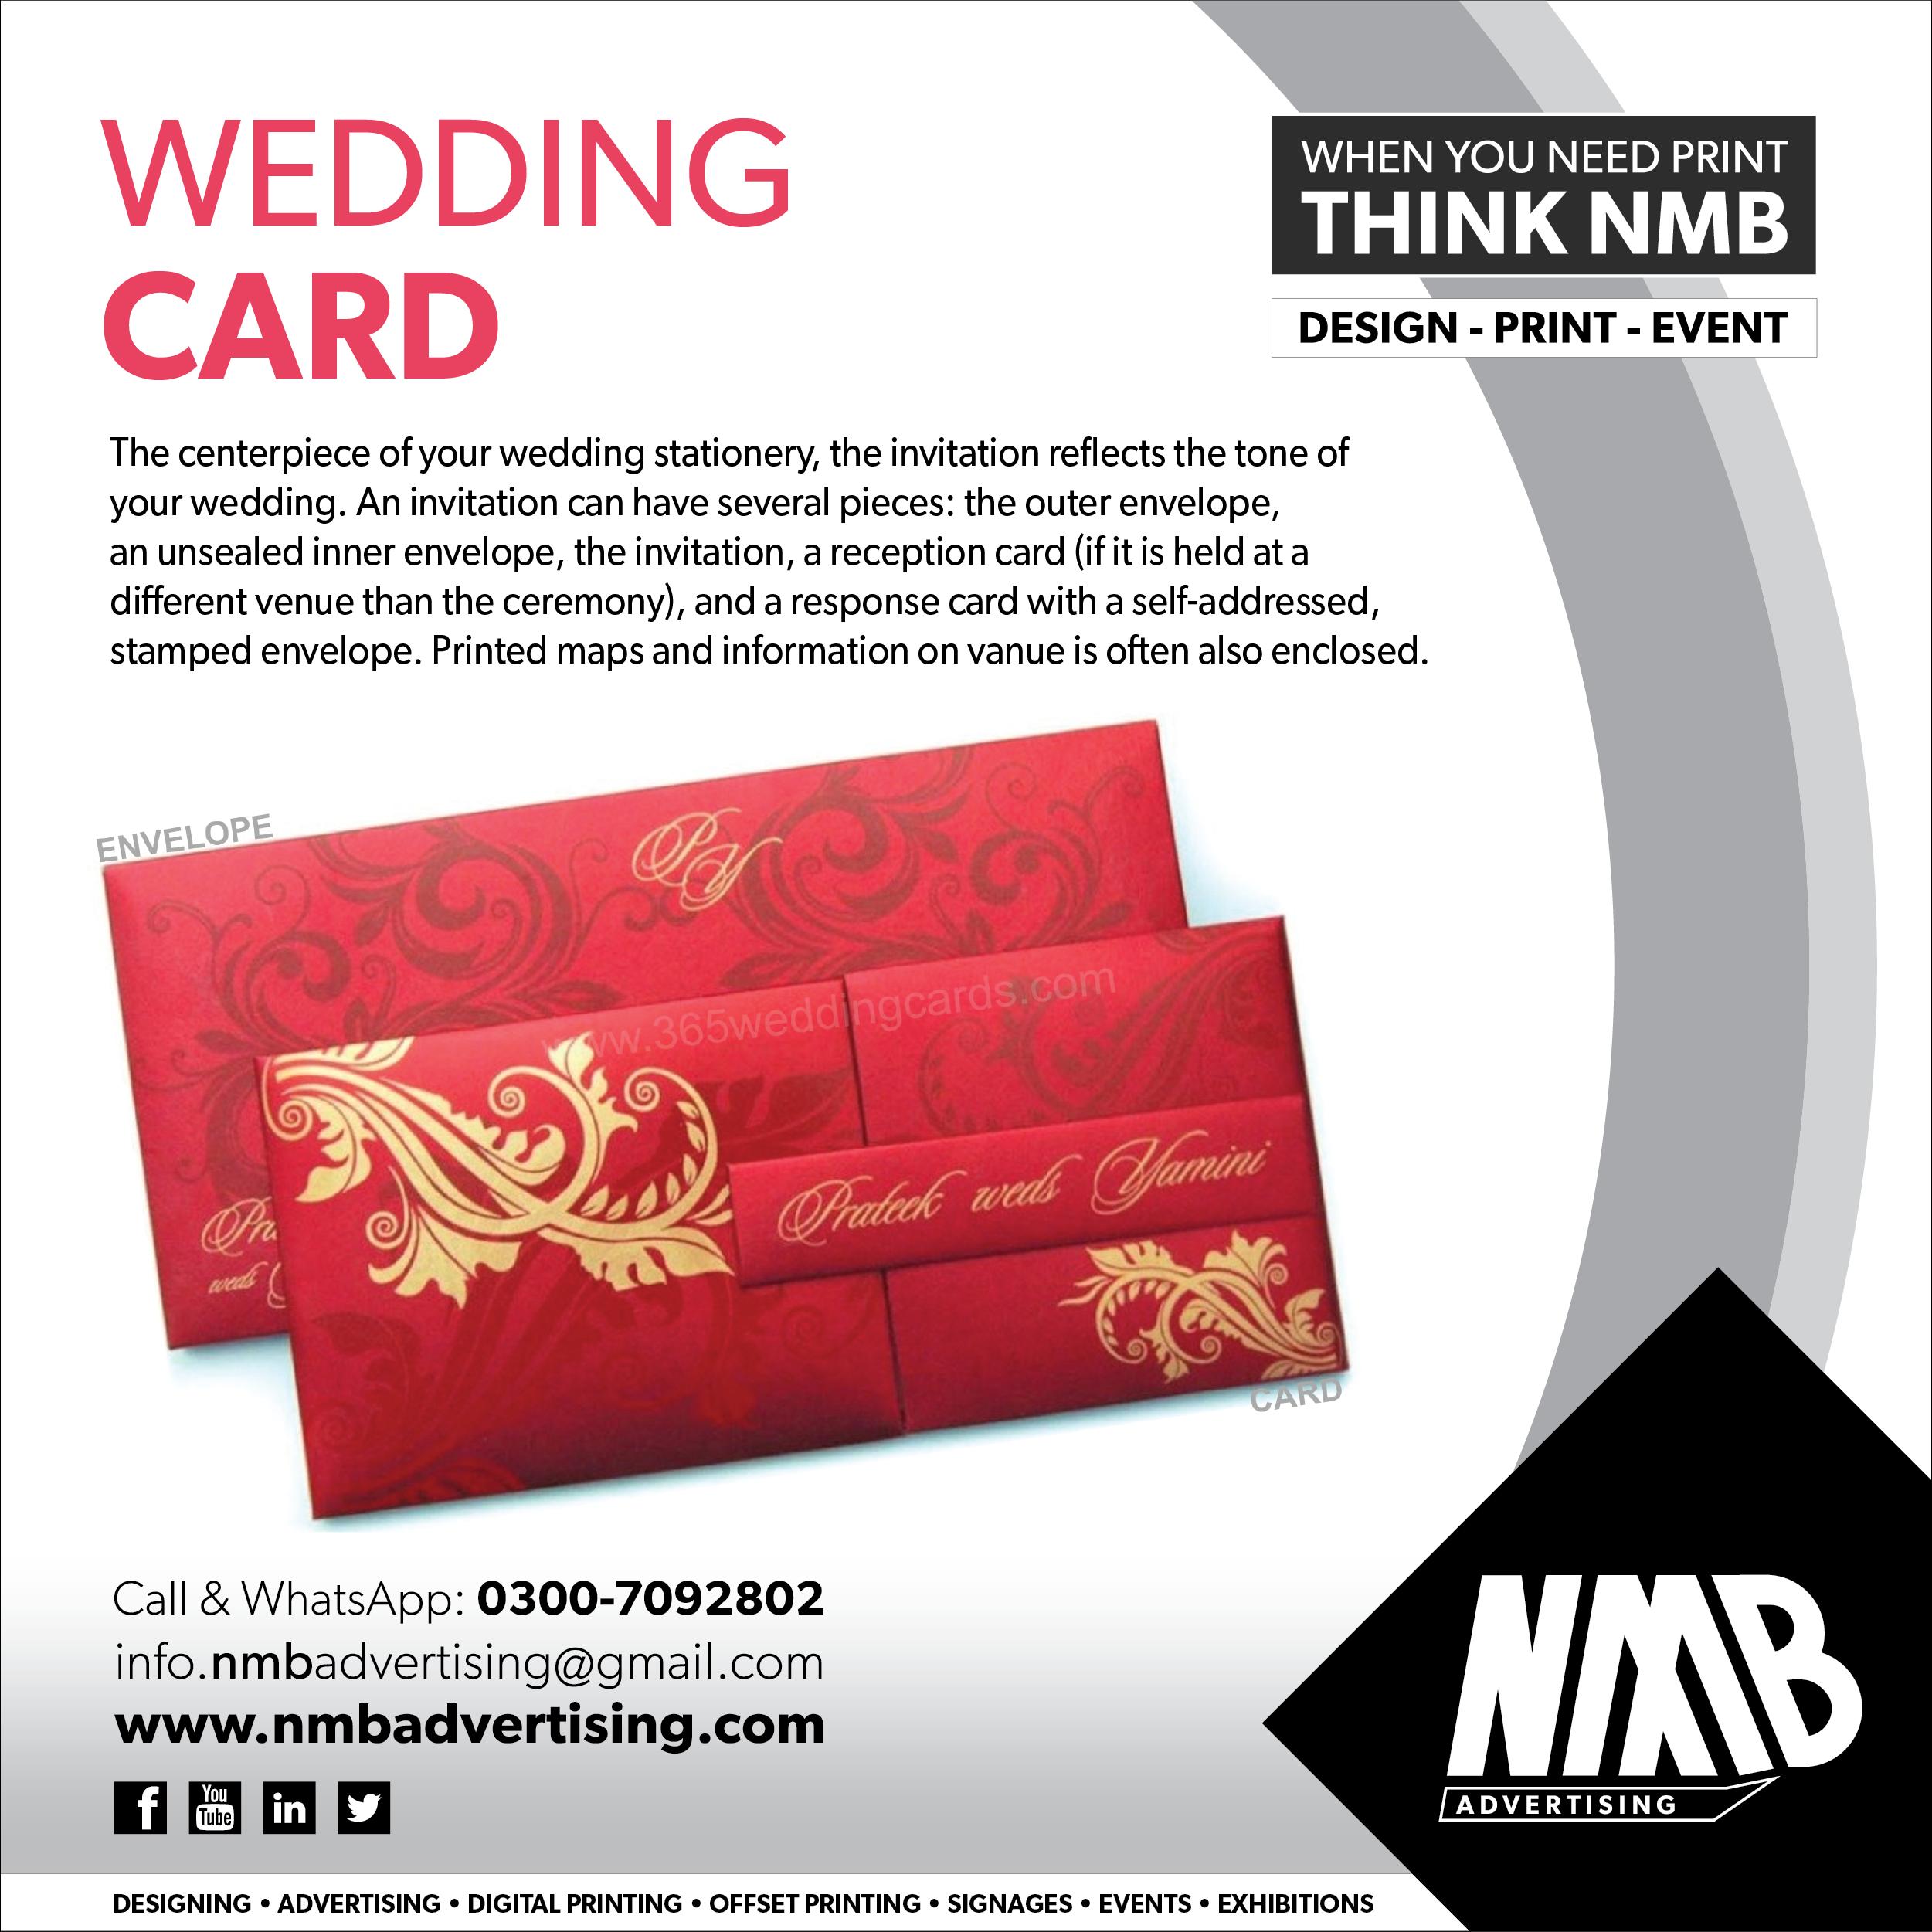 Wedding Card Digital Printing